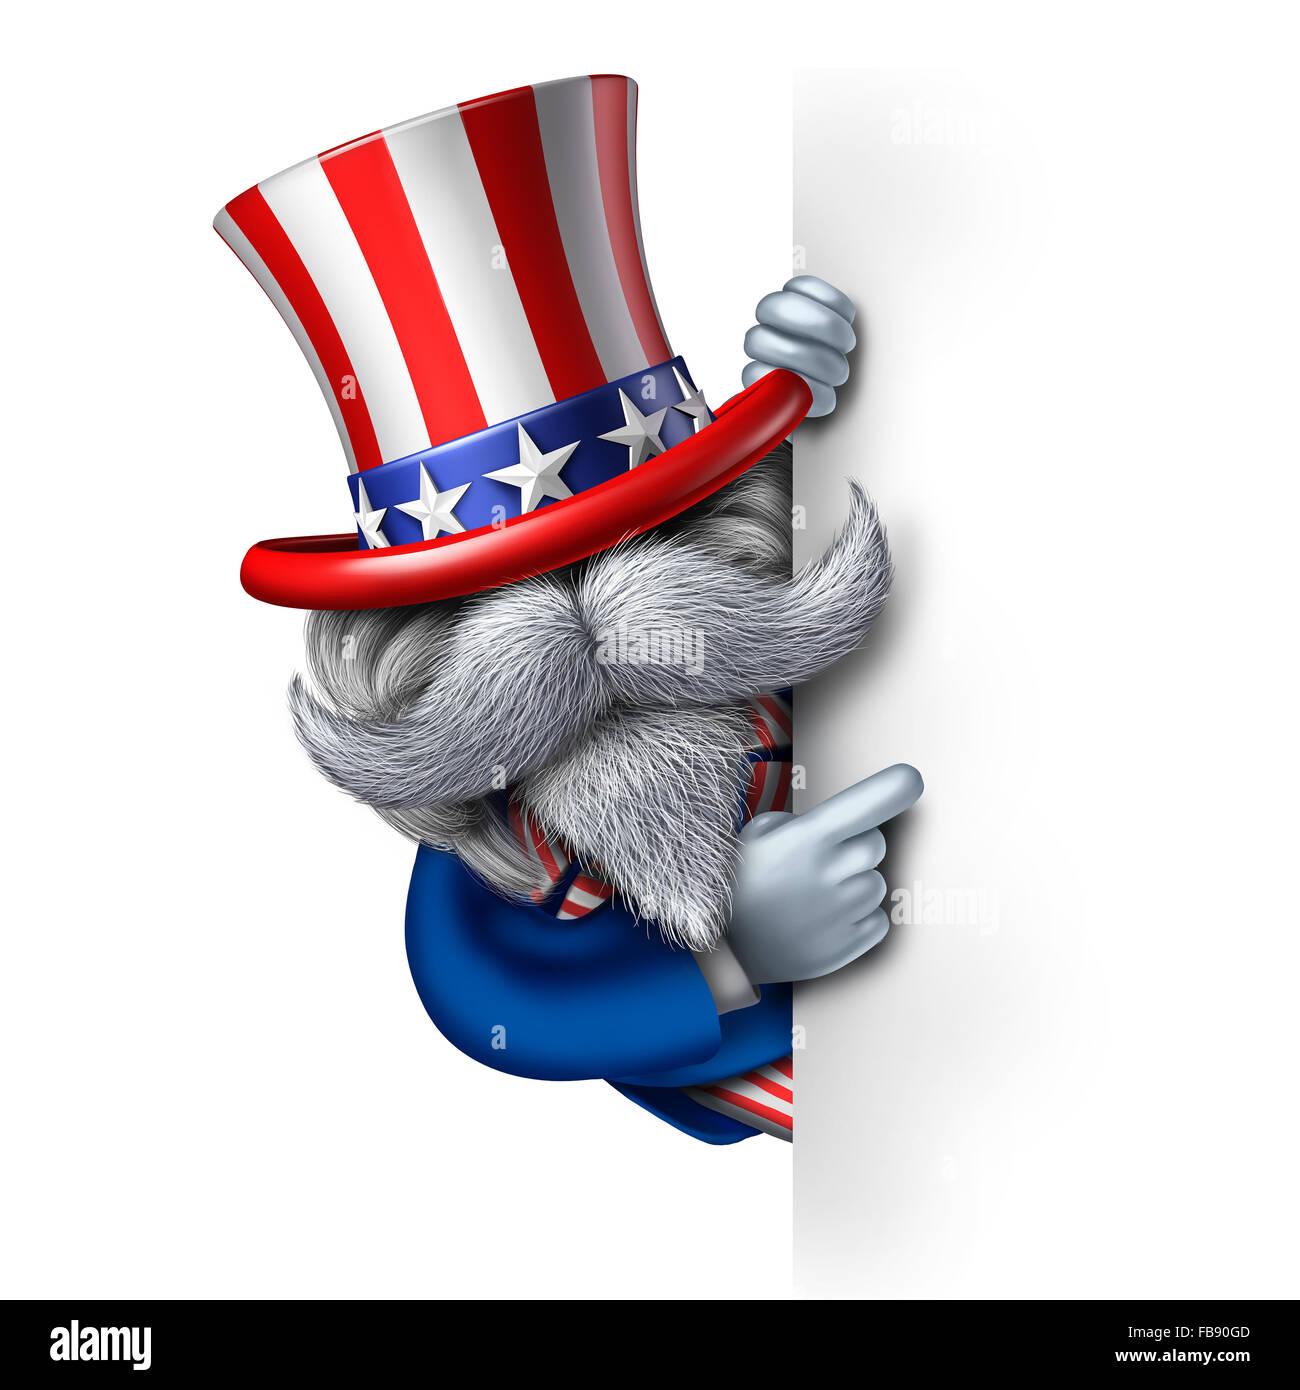 Lo zio Sam carattere tenendo un vuoto segno verticale come un icona patriottica di un simbolo americano di governo Immagini Stock